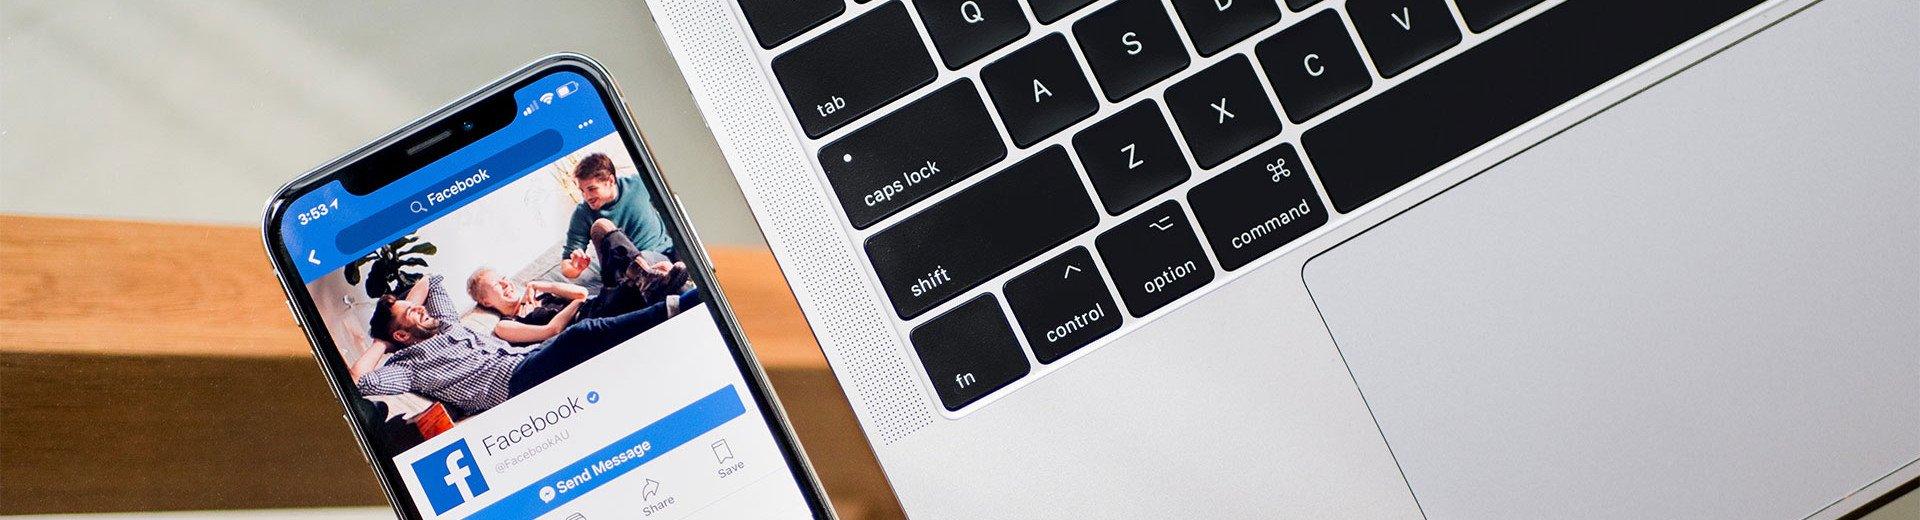 Okładka artykułu Jak zaprojektować cover na Facebooka? — Zdjęcie w tle poprawne na każdym urządzeniu